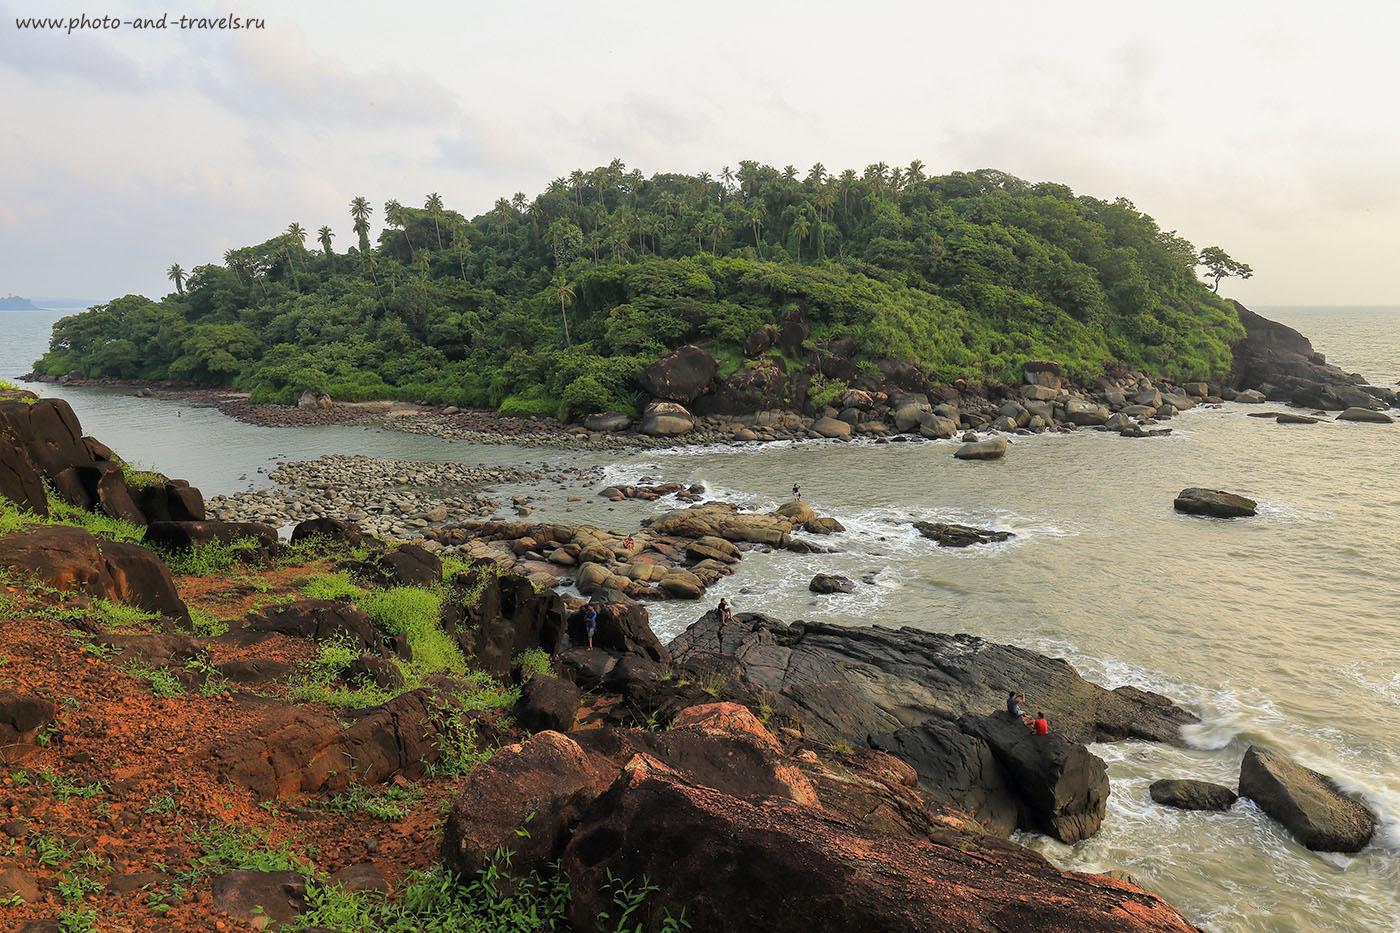 Фотография 4. Вид на остров Green Island сверху. Самостоятельная поездка на отдых в Южном Гоа в Индии (24-70, 1/6, -1eV, f22, 24 mm, ISO 100)